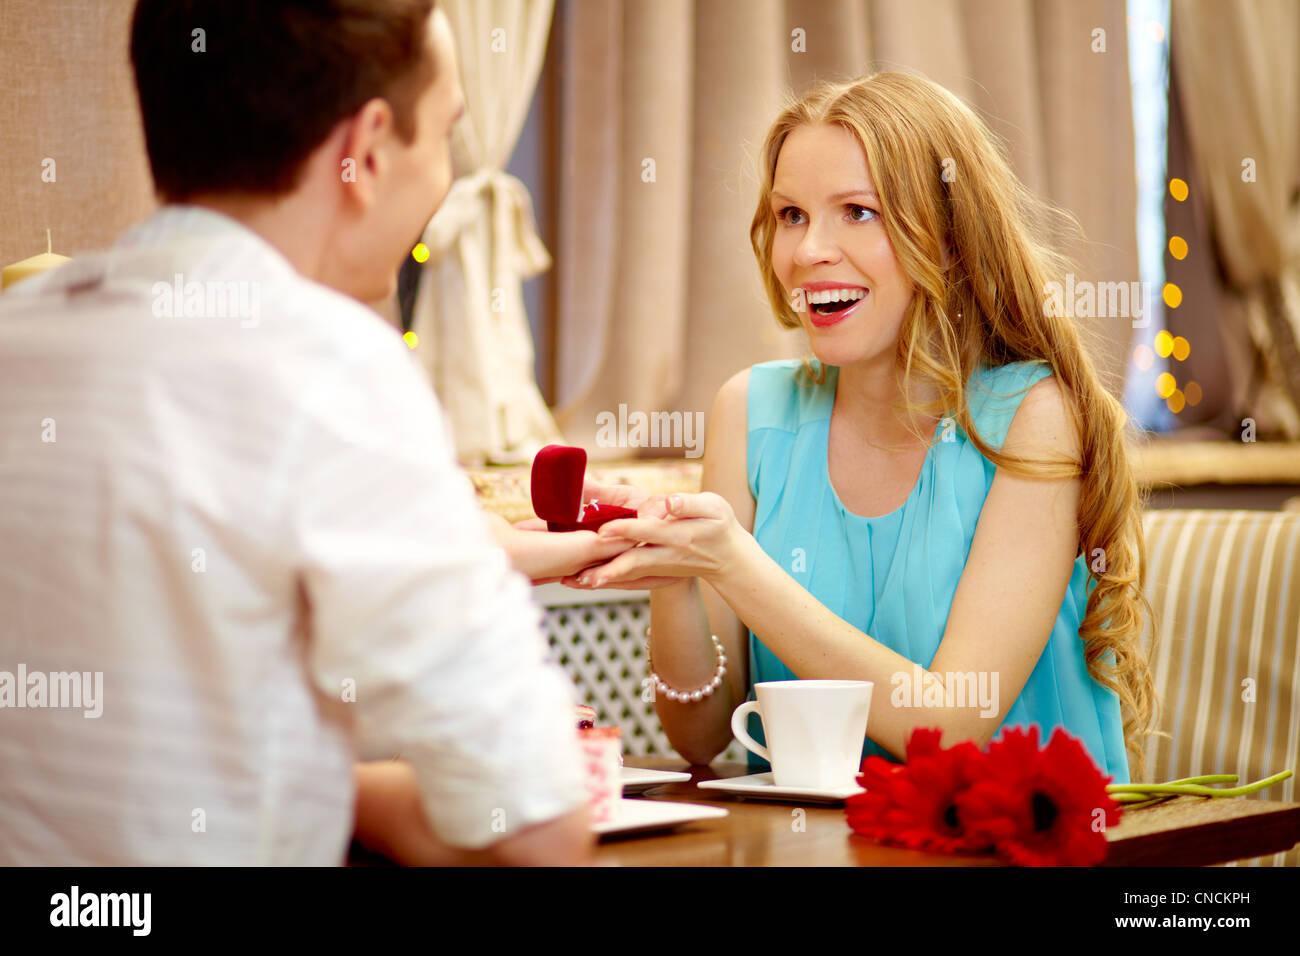 Stupito donna che guarda il suo ragazzo che mostra dono a pranzo Immagini Stock